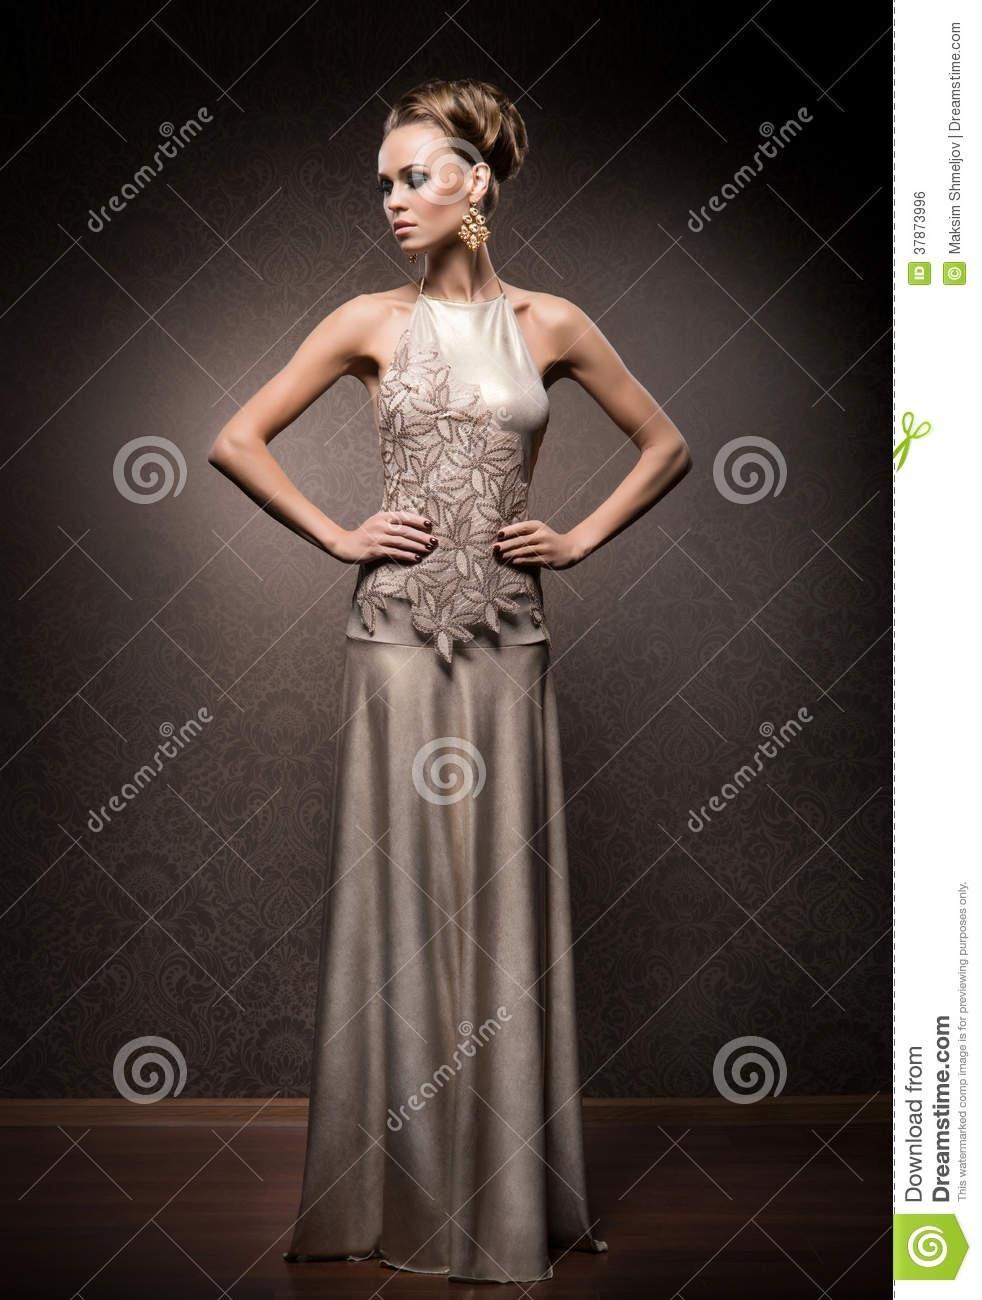 10 Top Abendkleider Junge Frauen ÄrmelAbend Elegant Abendkleider Junge Frauen Spezialgebiet